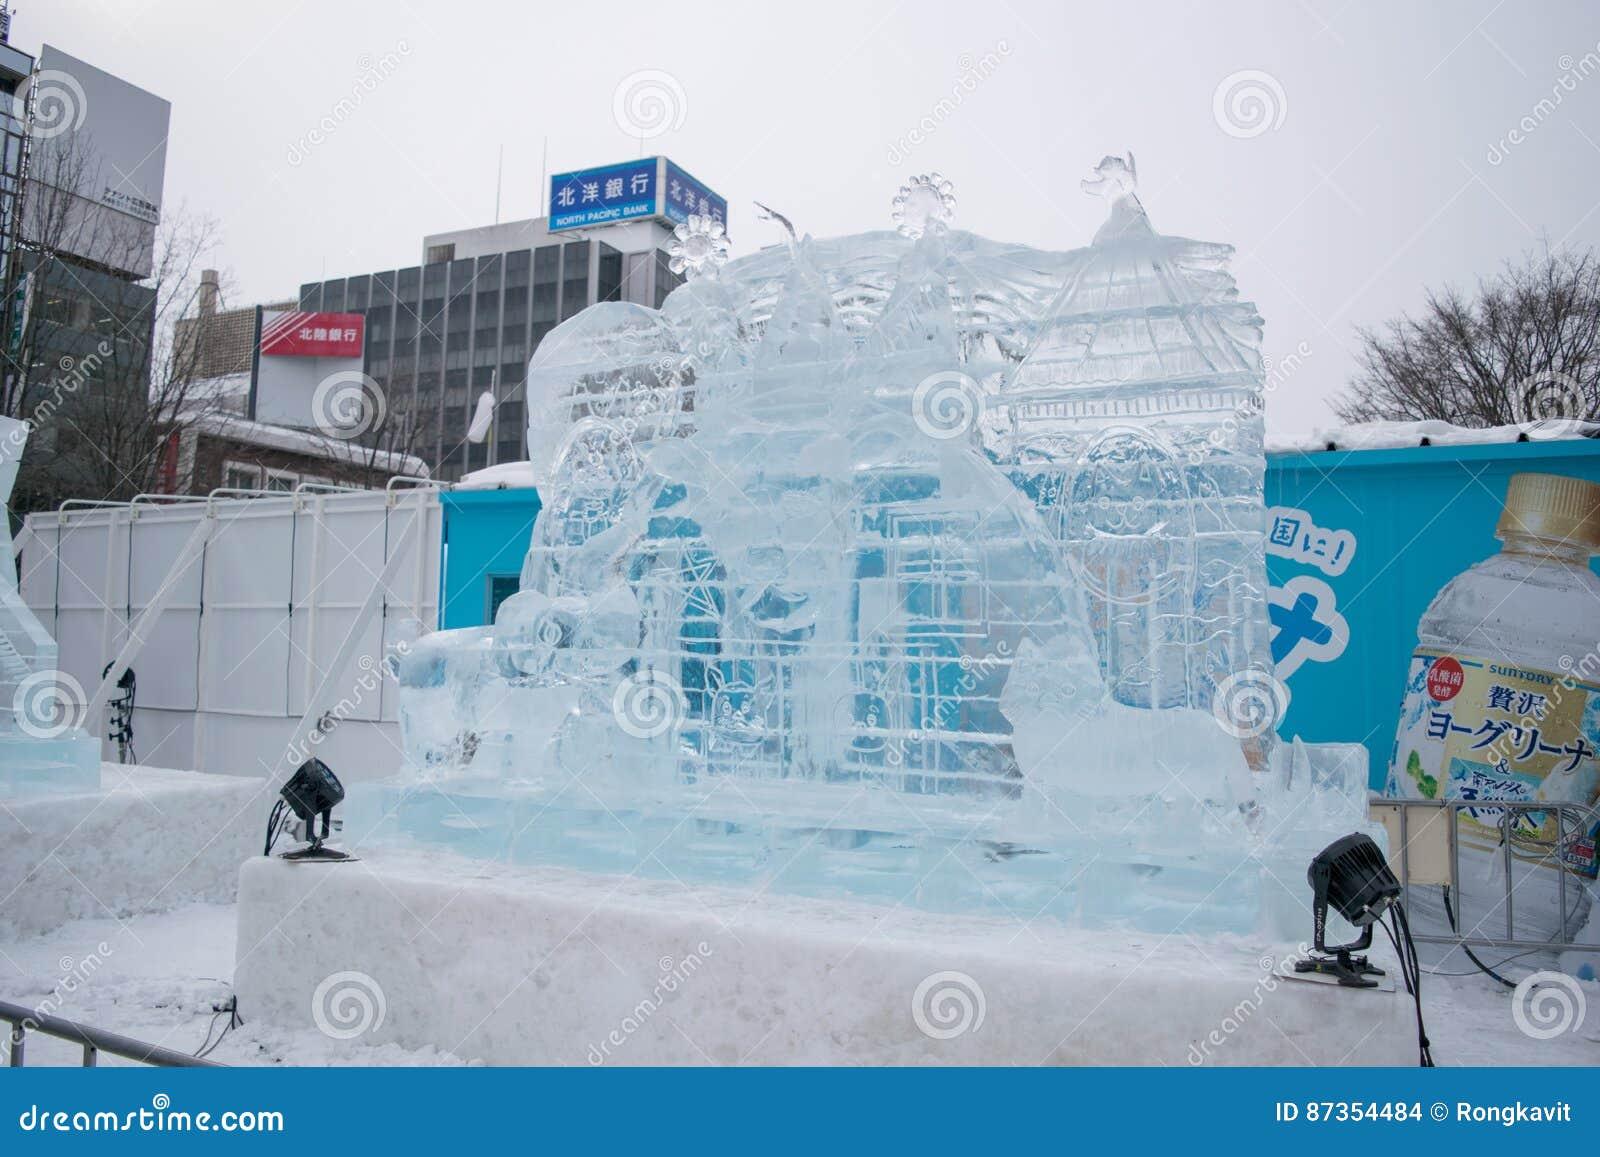 Sapporo, Japan - February 2017: The 68th Sapporo Snow Festival at Odori Park